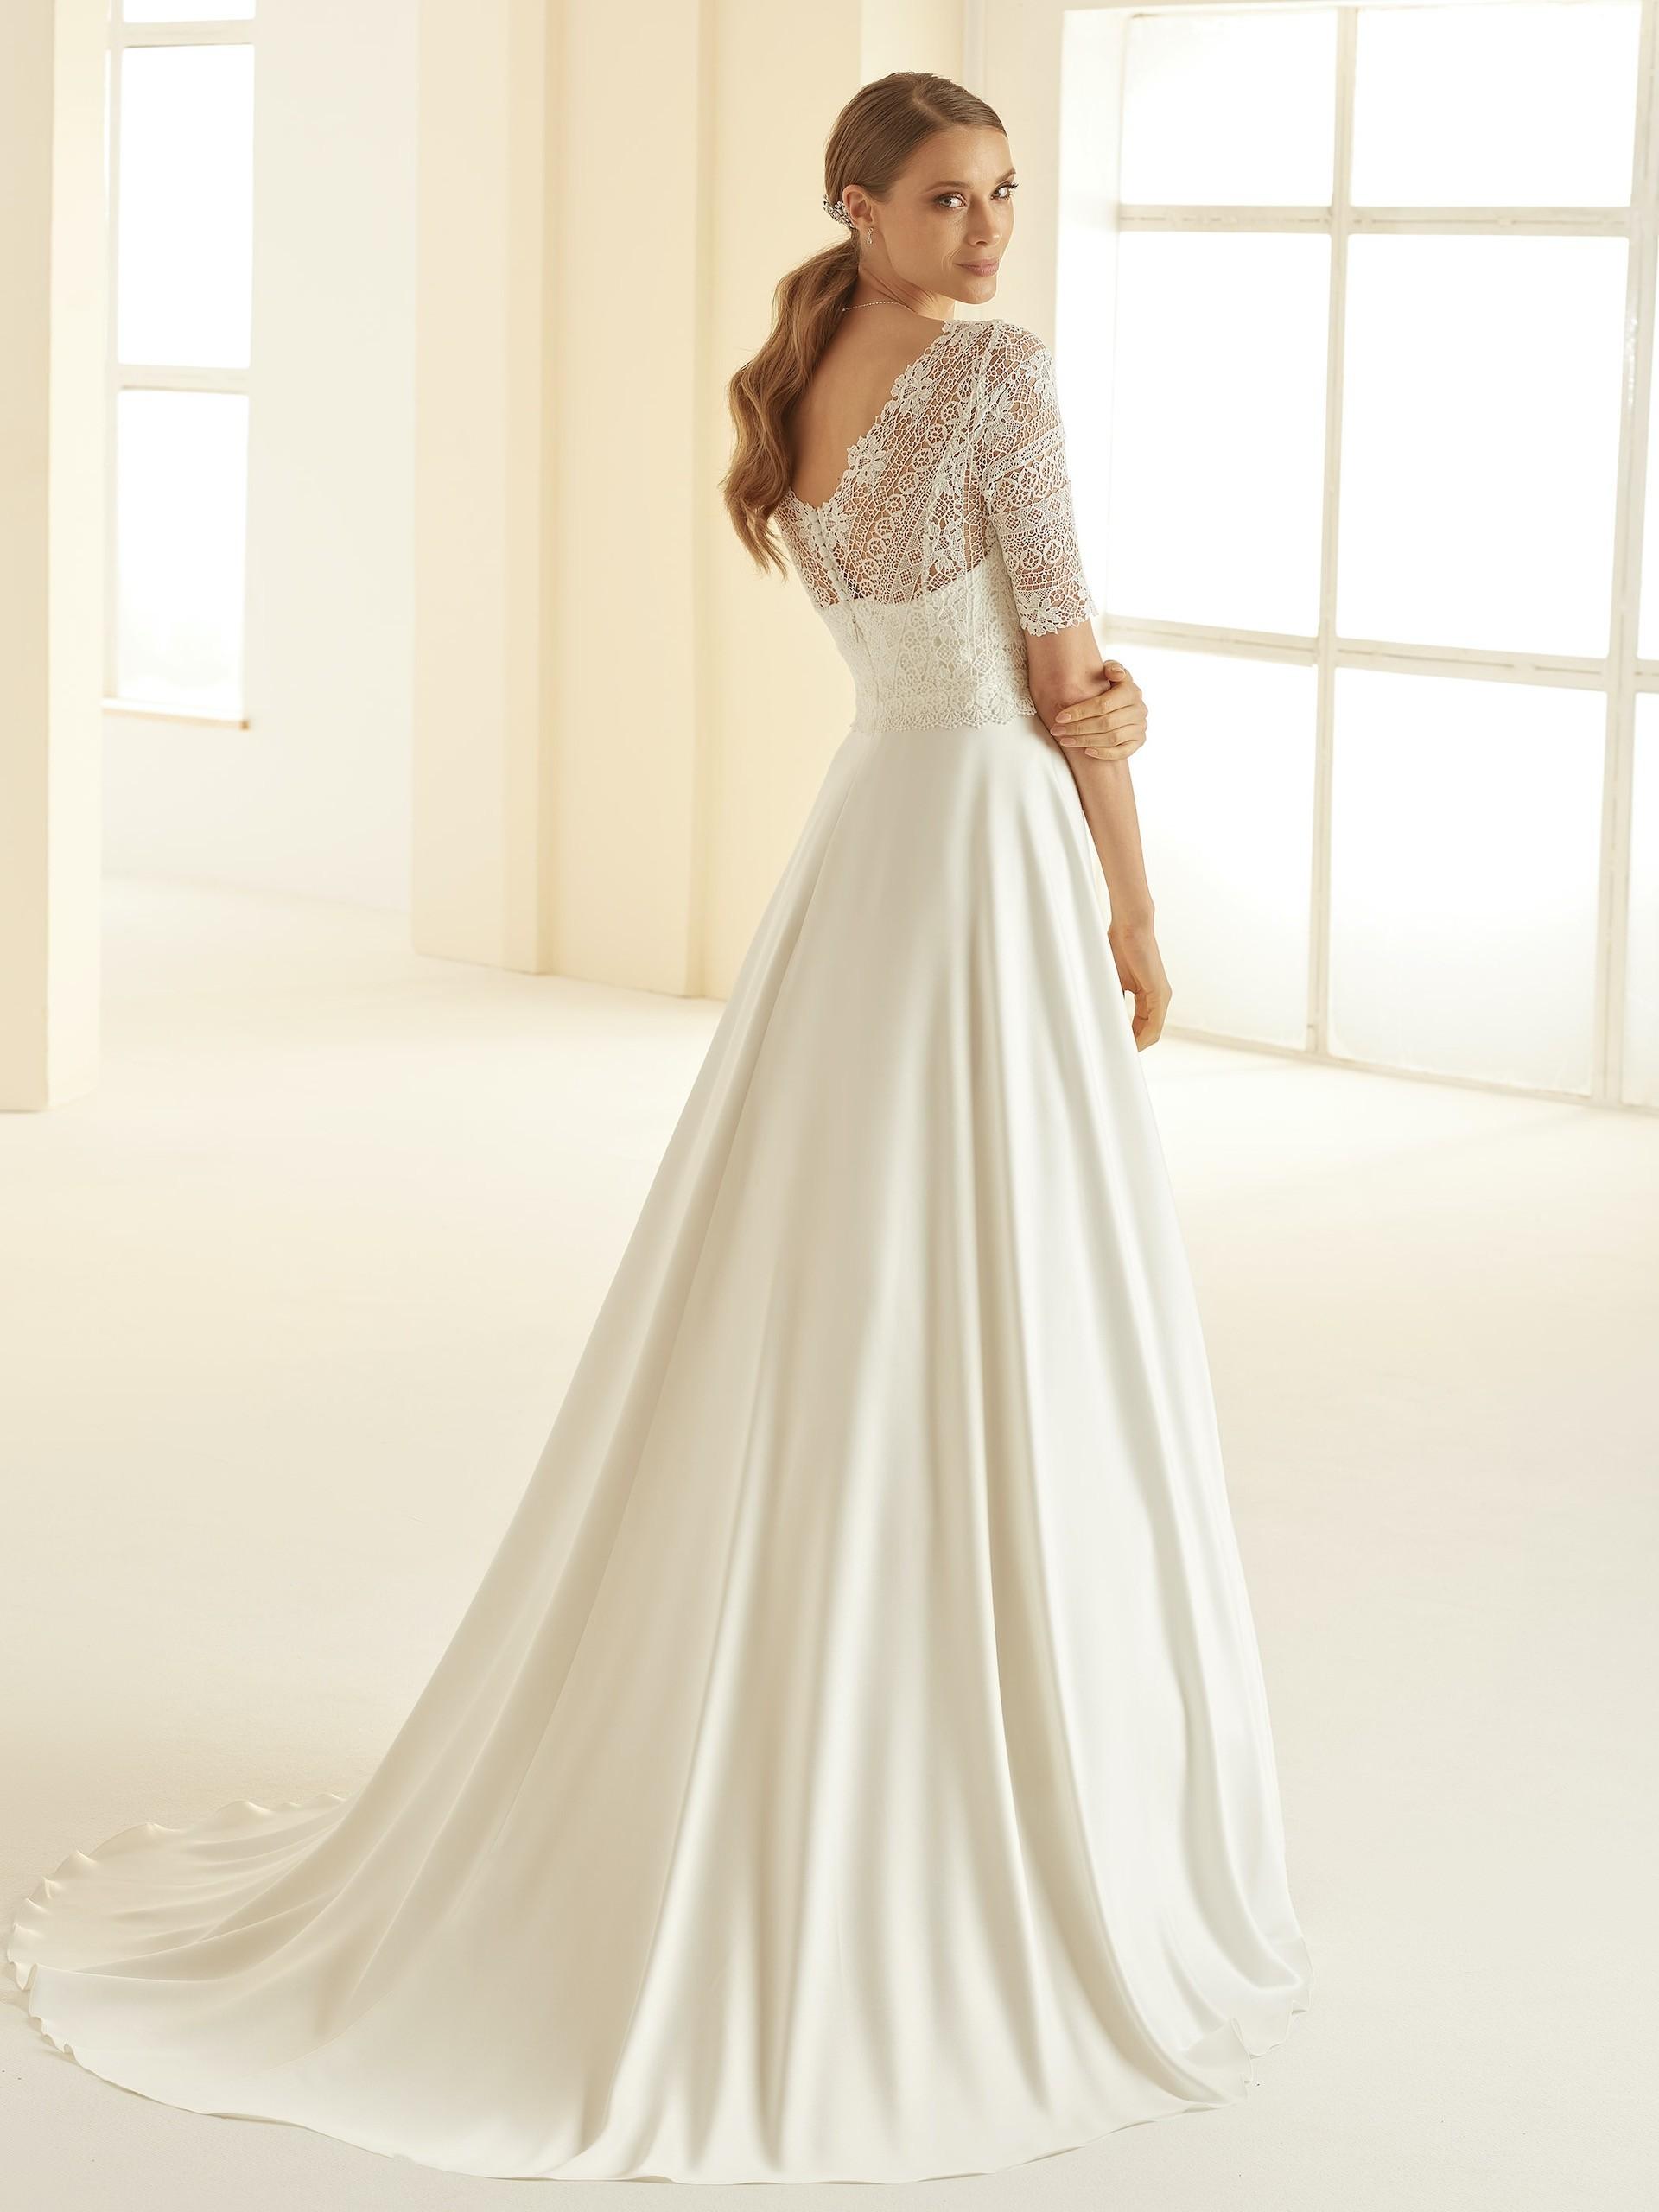 Brautkleid in A-Linie mit Satinrock, Spitzentop, V-Ausschnitt und halblangen Ärmeln von Bianco Evento, Modell Barbara